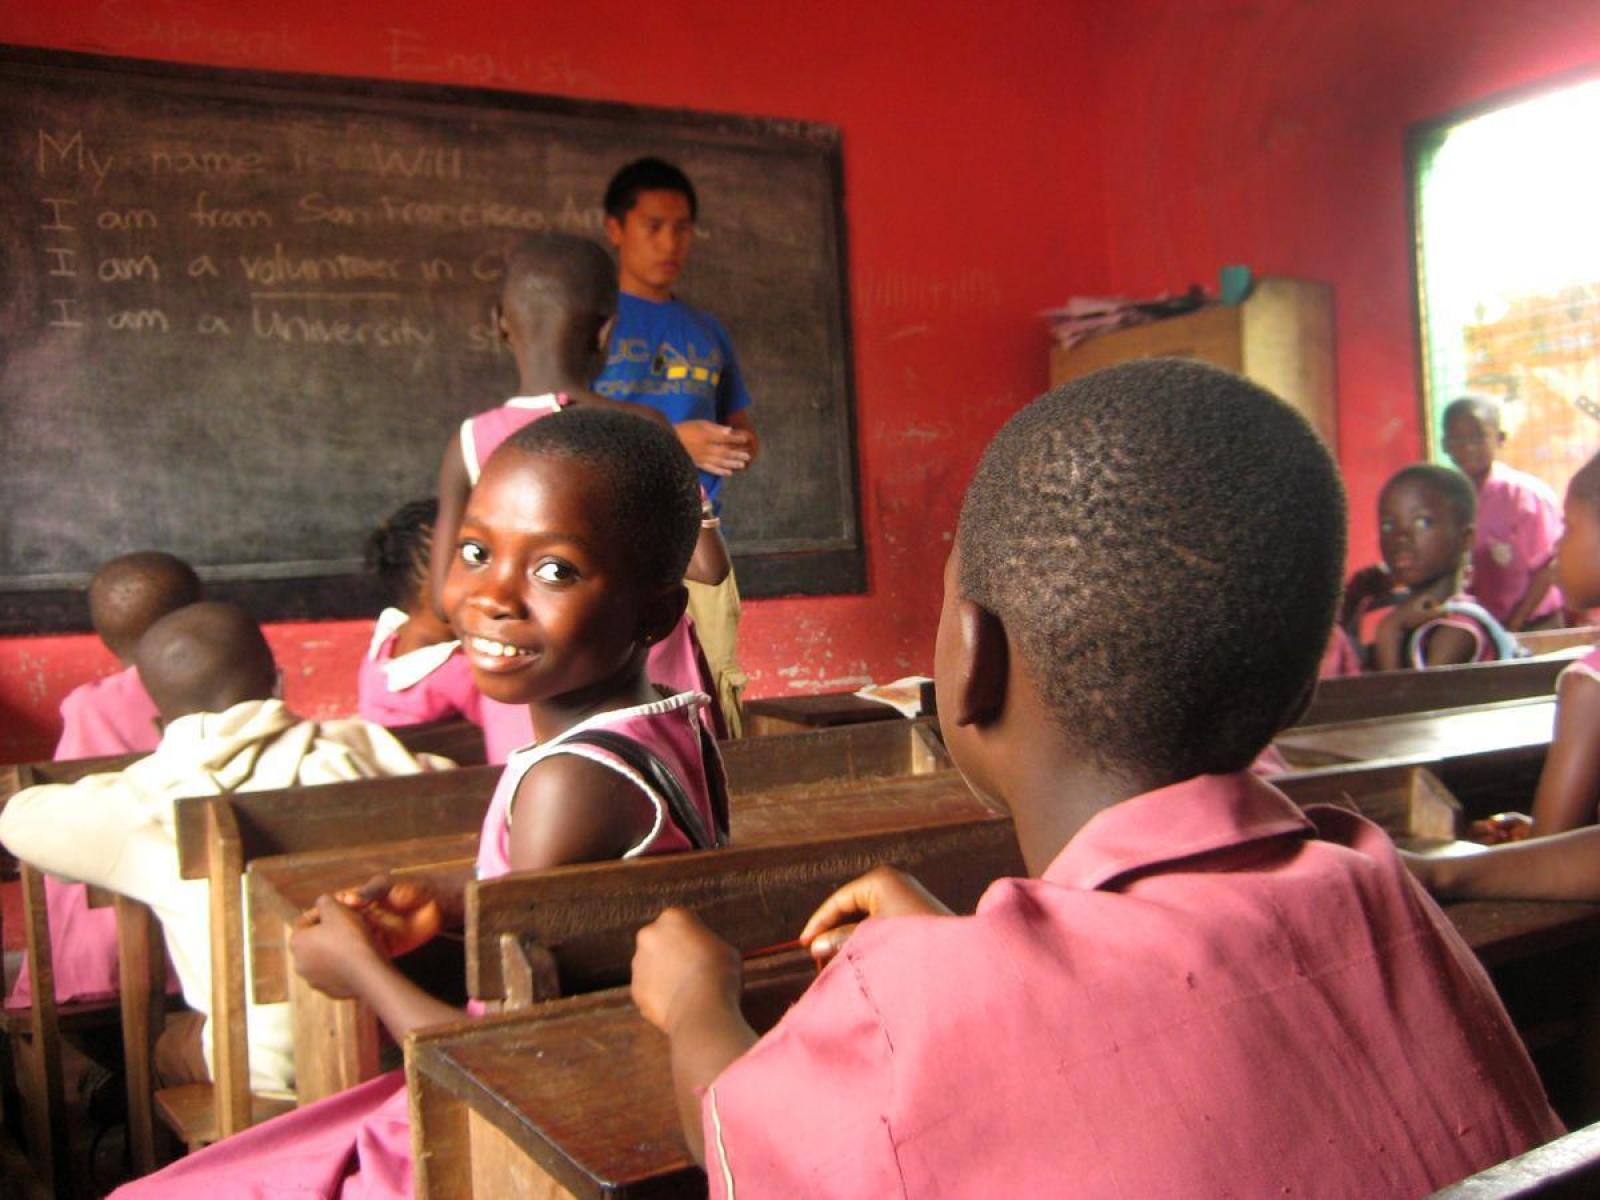 アフリカの教室でがんばる教育ボランティア